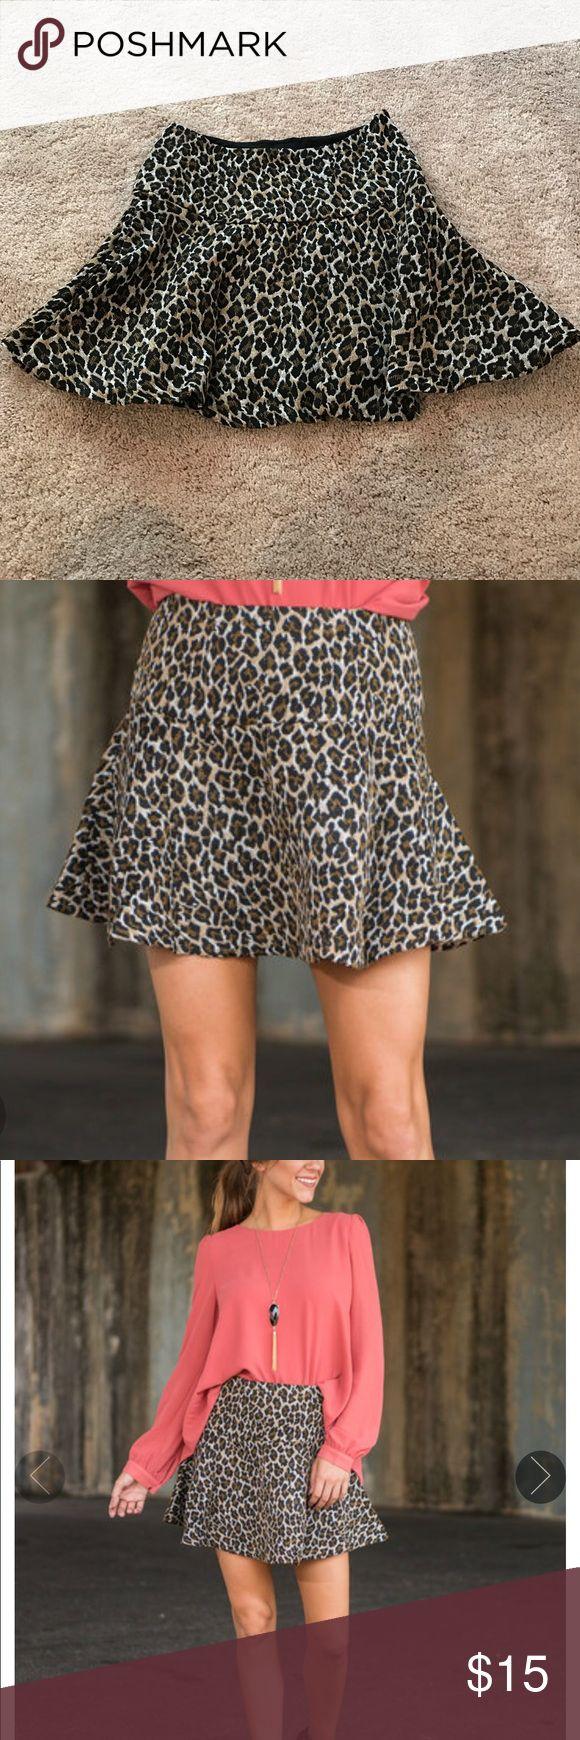 Cheetah skirt Brand new cheetah skirt, size small. Side zipper Skirts